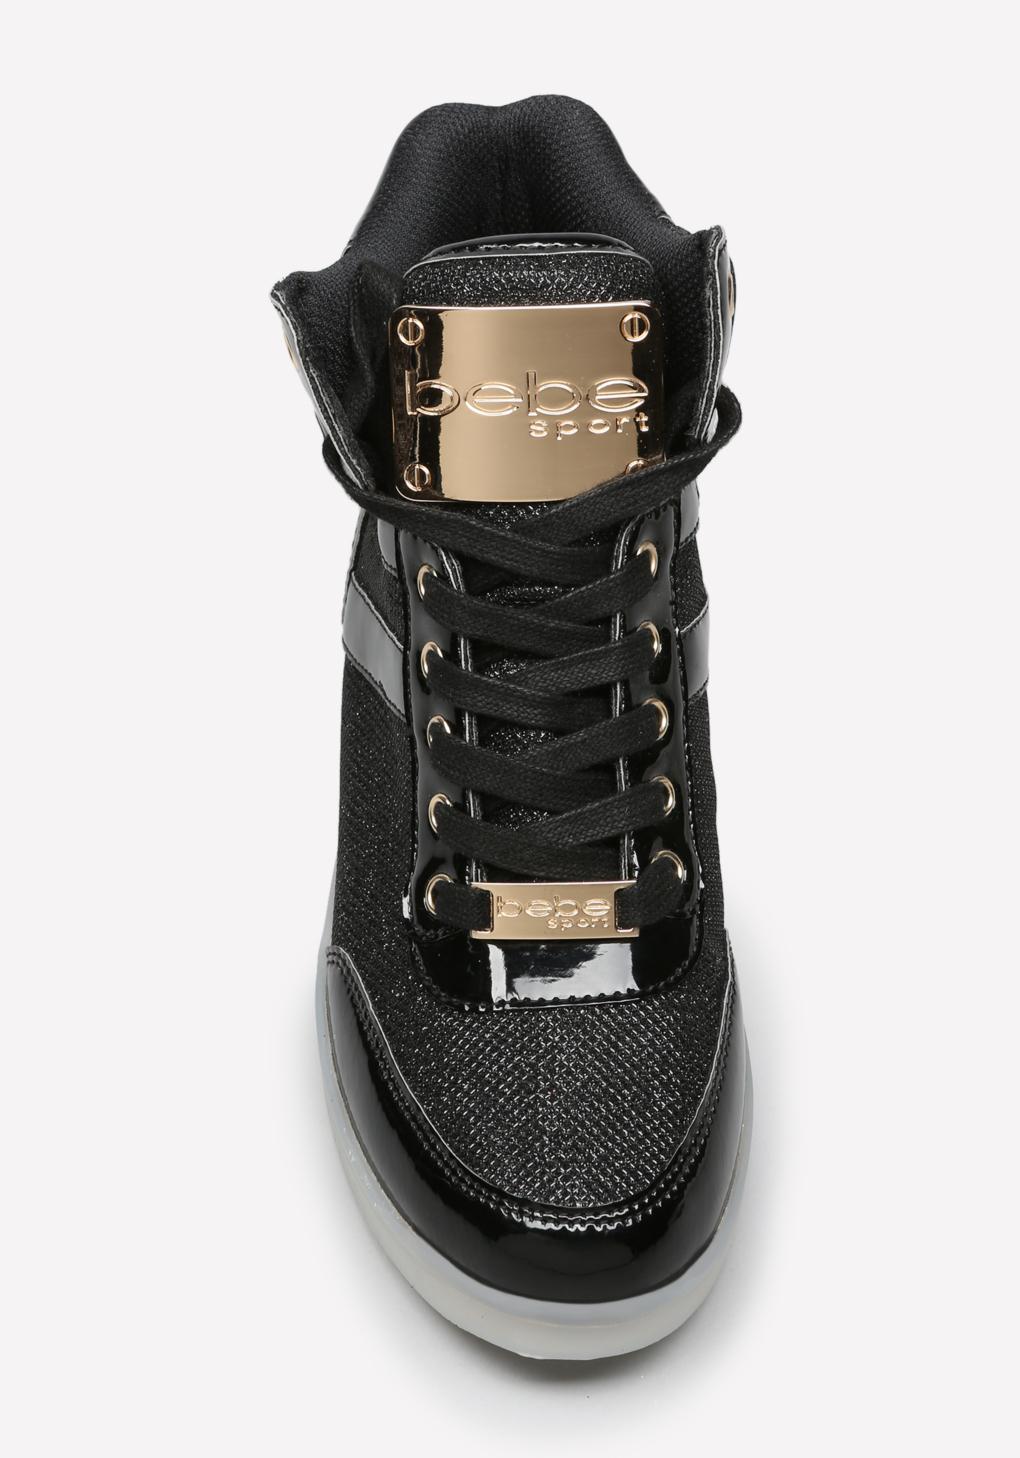 1847ef37d5d Bebe Krysten High Top Sneakers in Black - Lyst